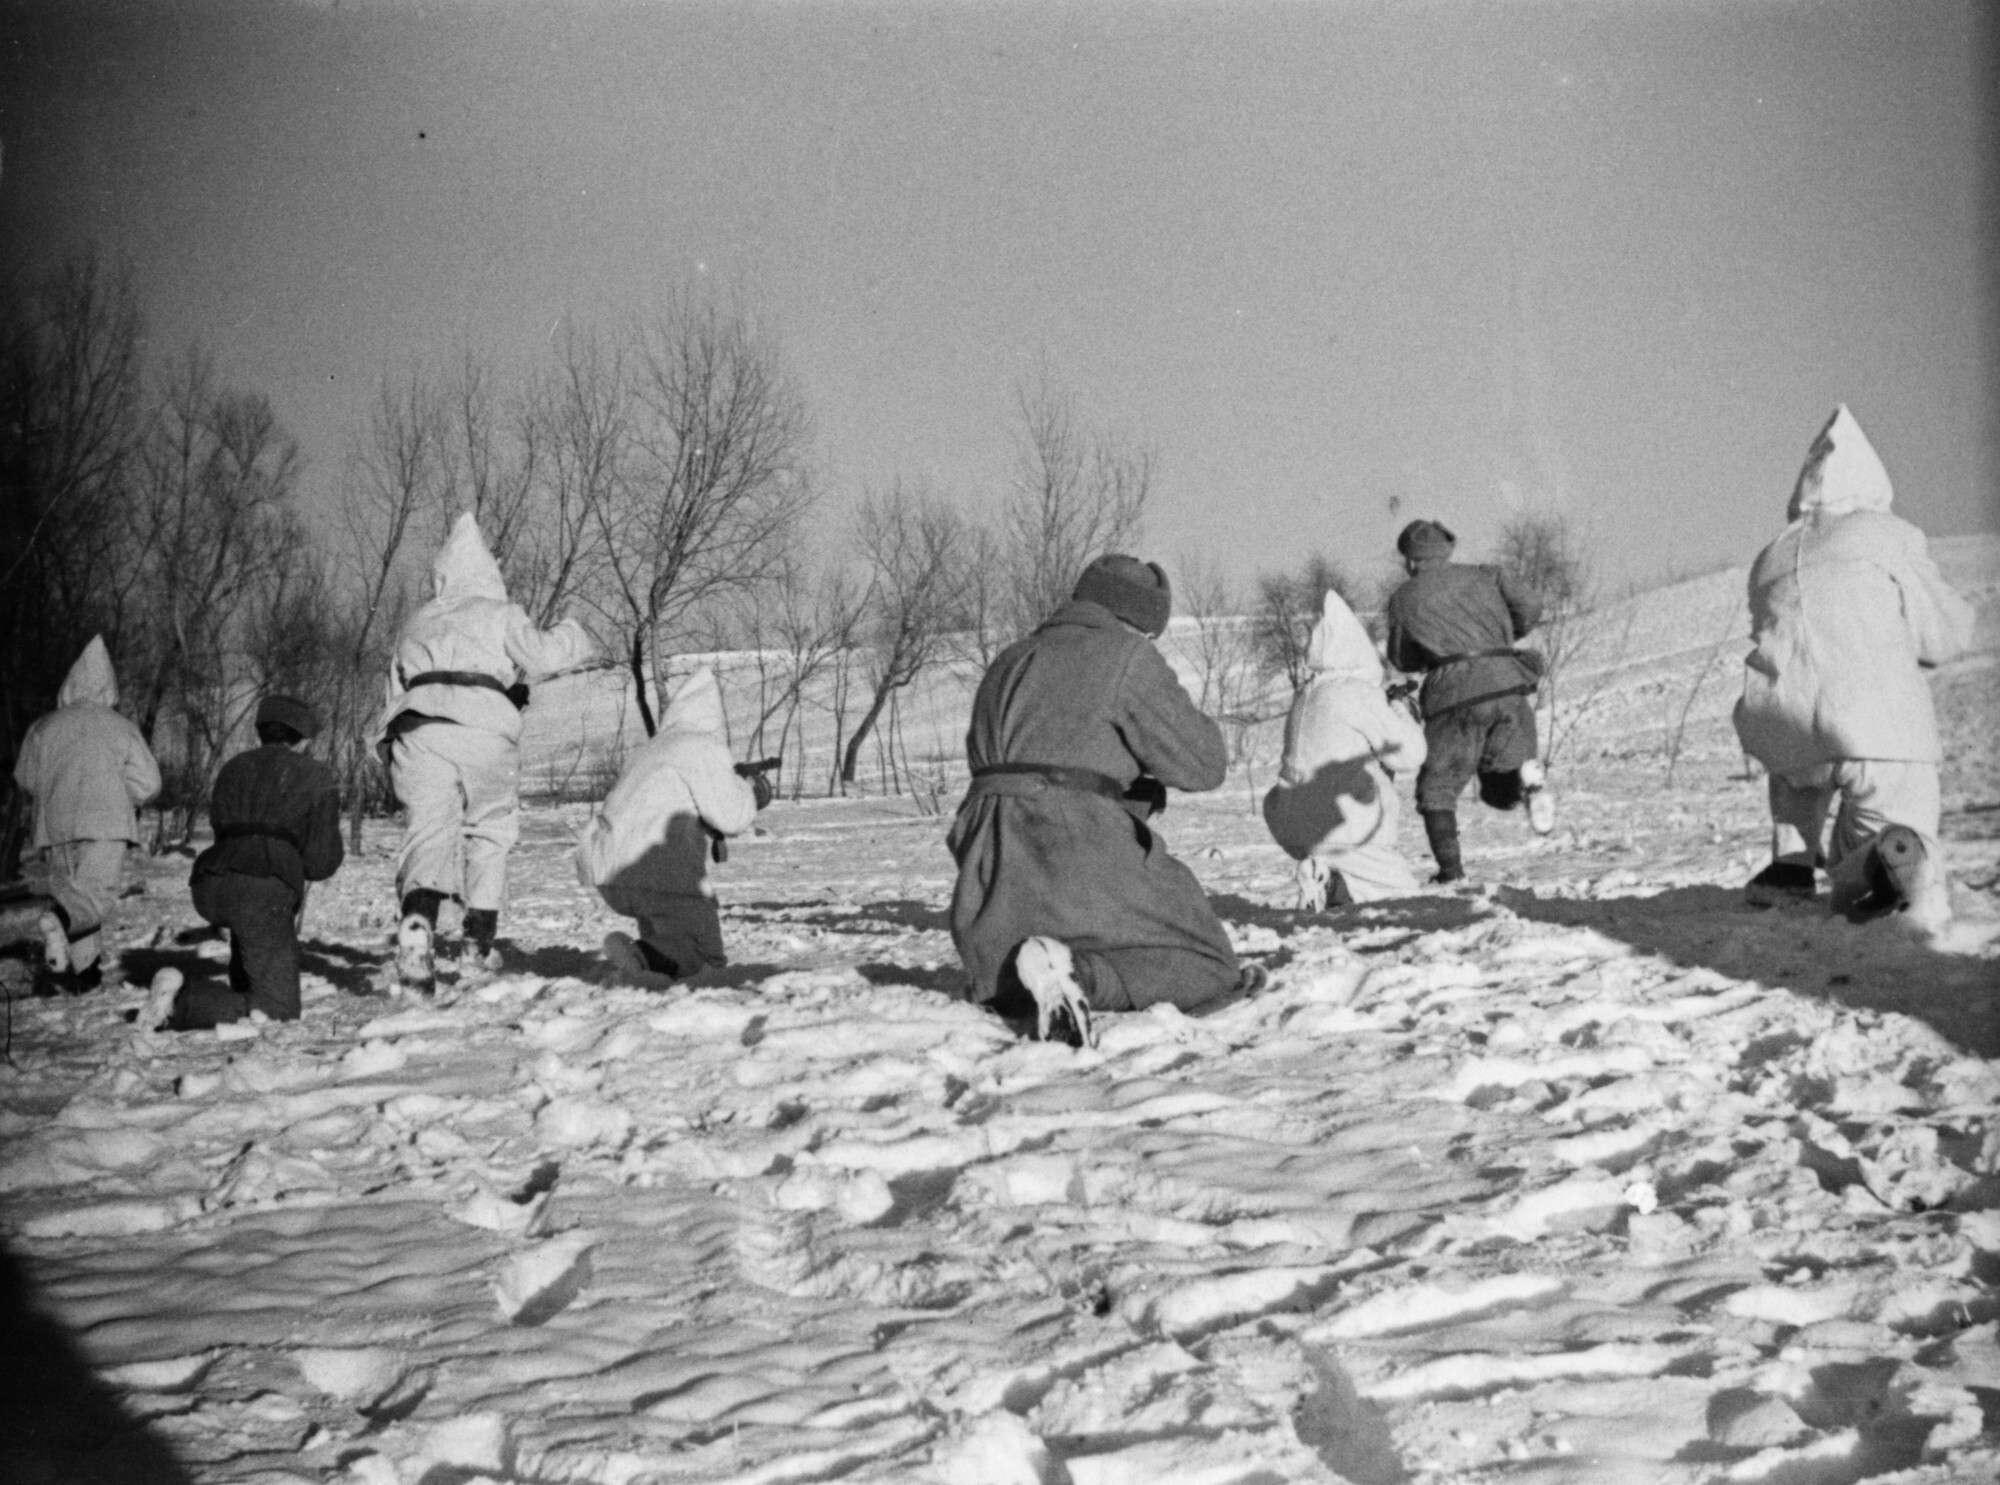 Неизвестный автор Бойцы подразделения под командованием офицера Волкова ведут бой в окрестностях Будапешта  Венгрия, 1945